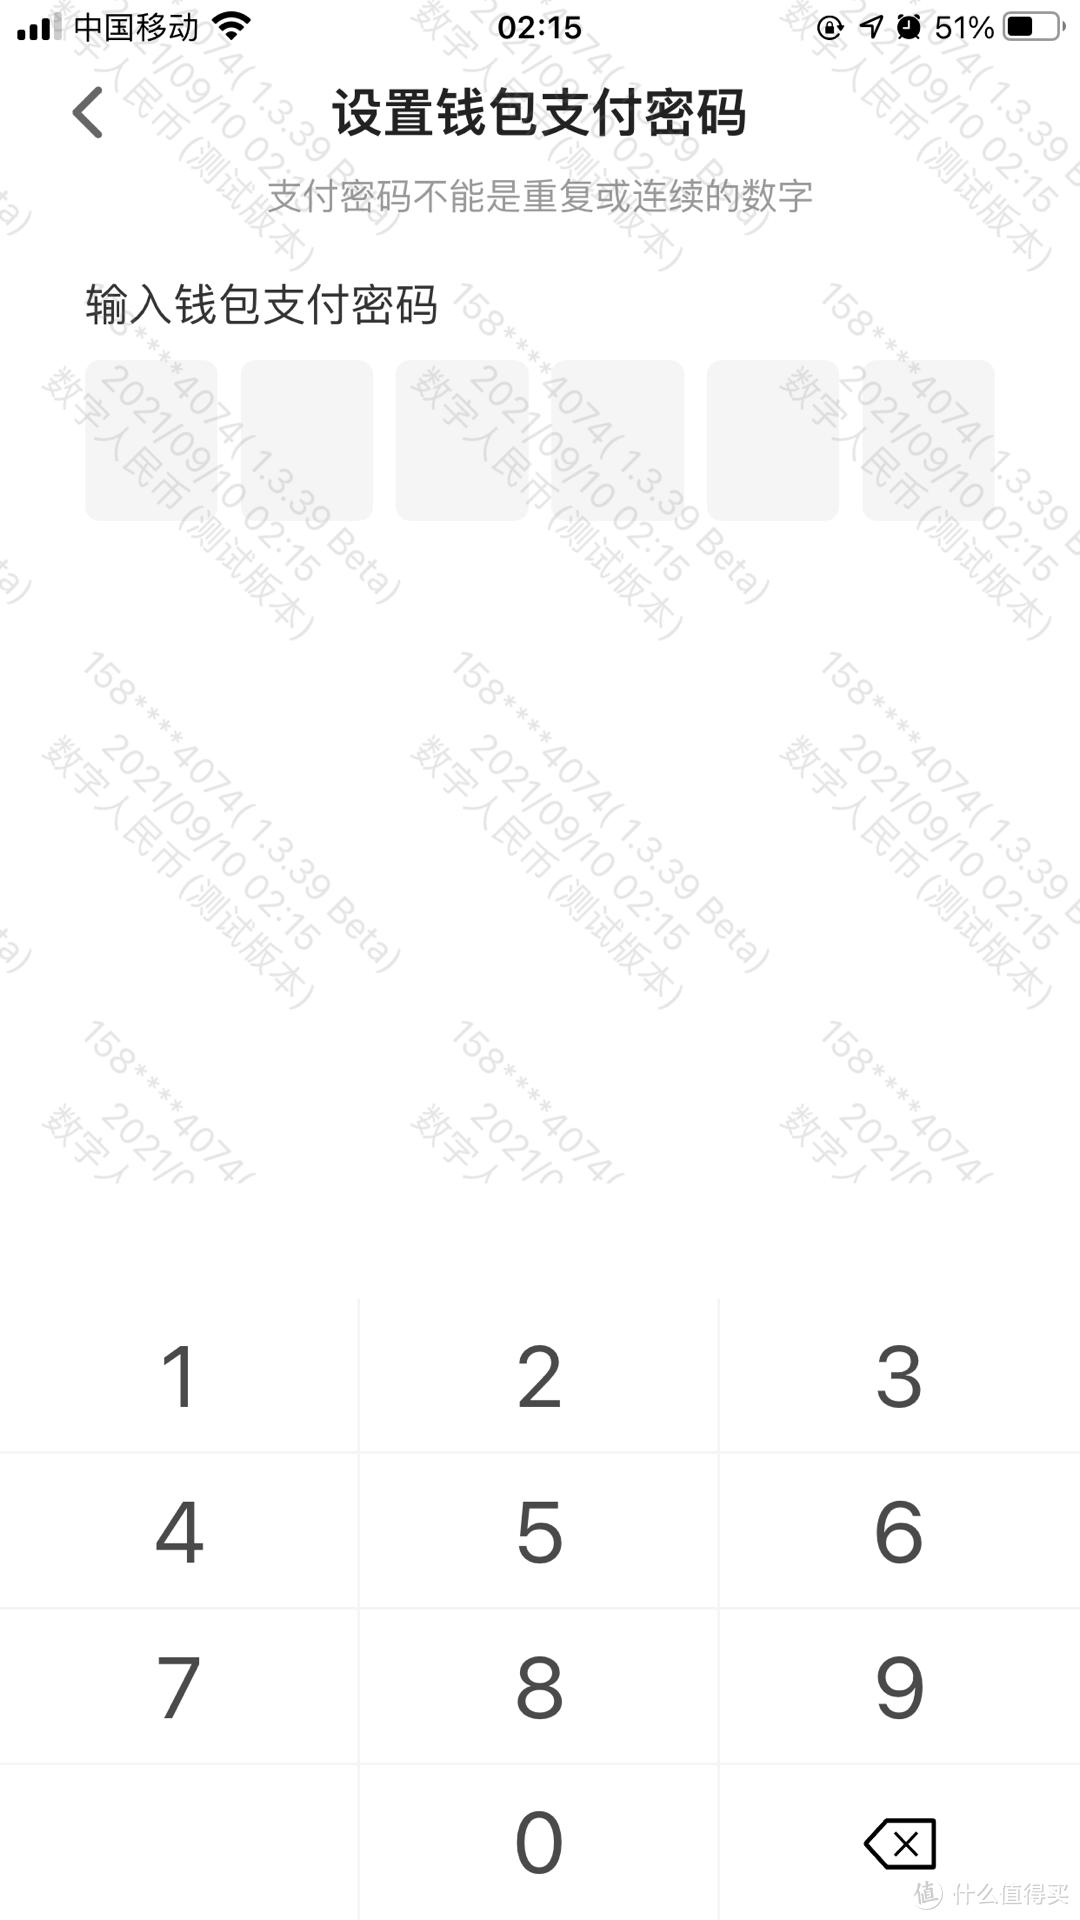 数字人民币app体验报告